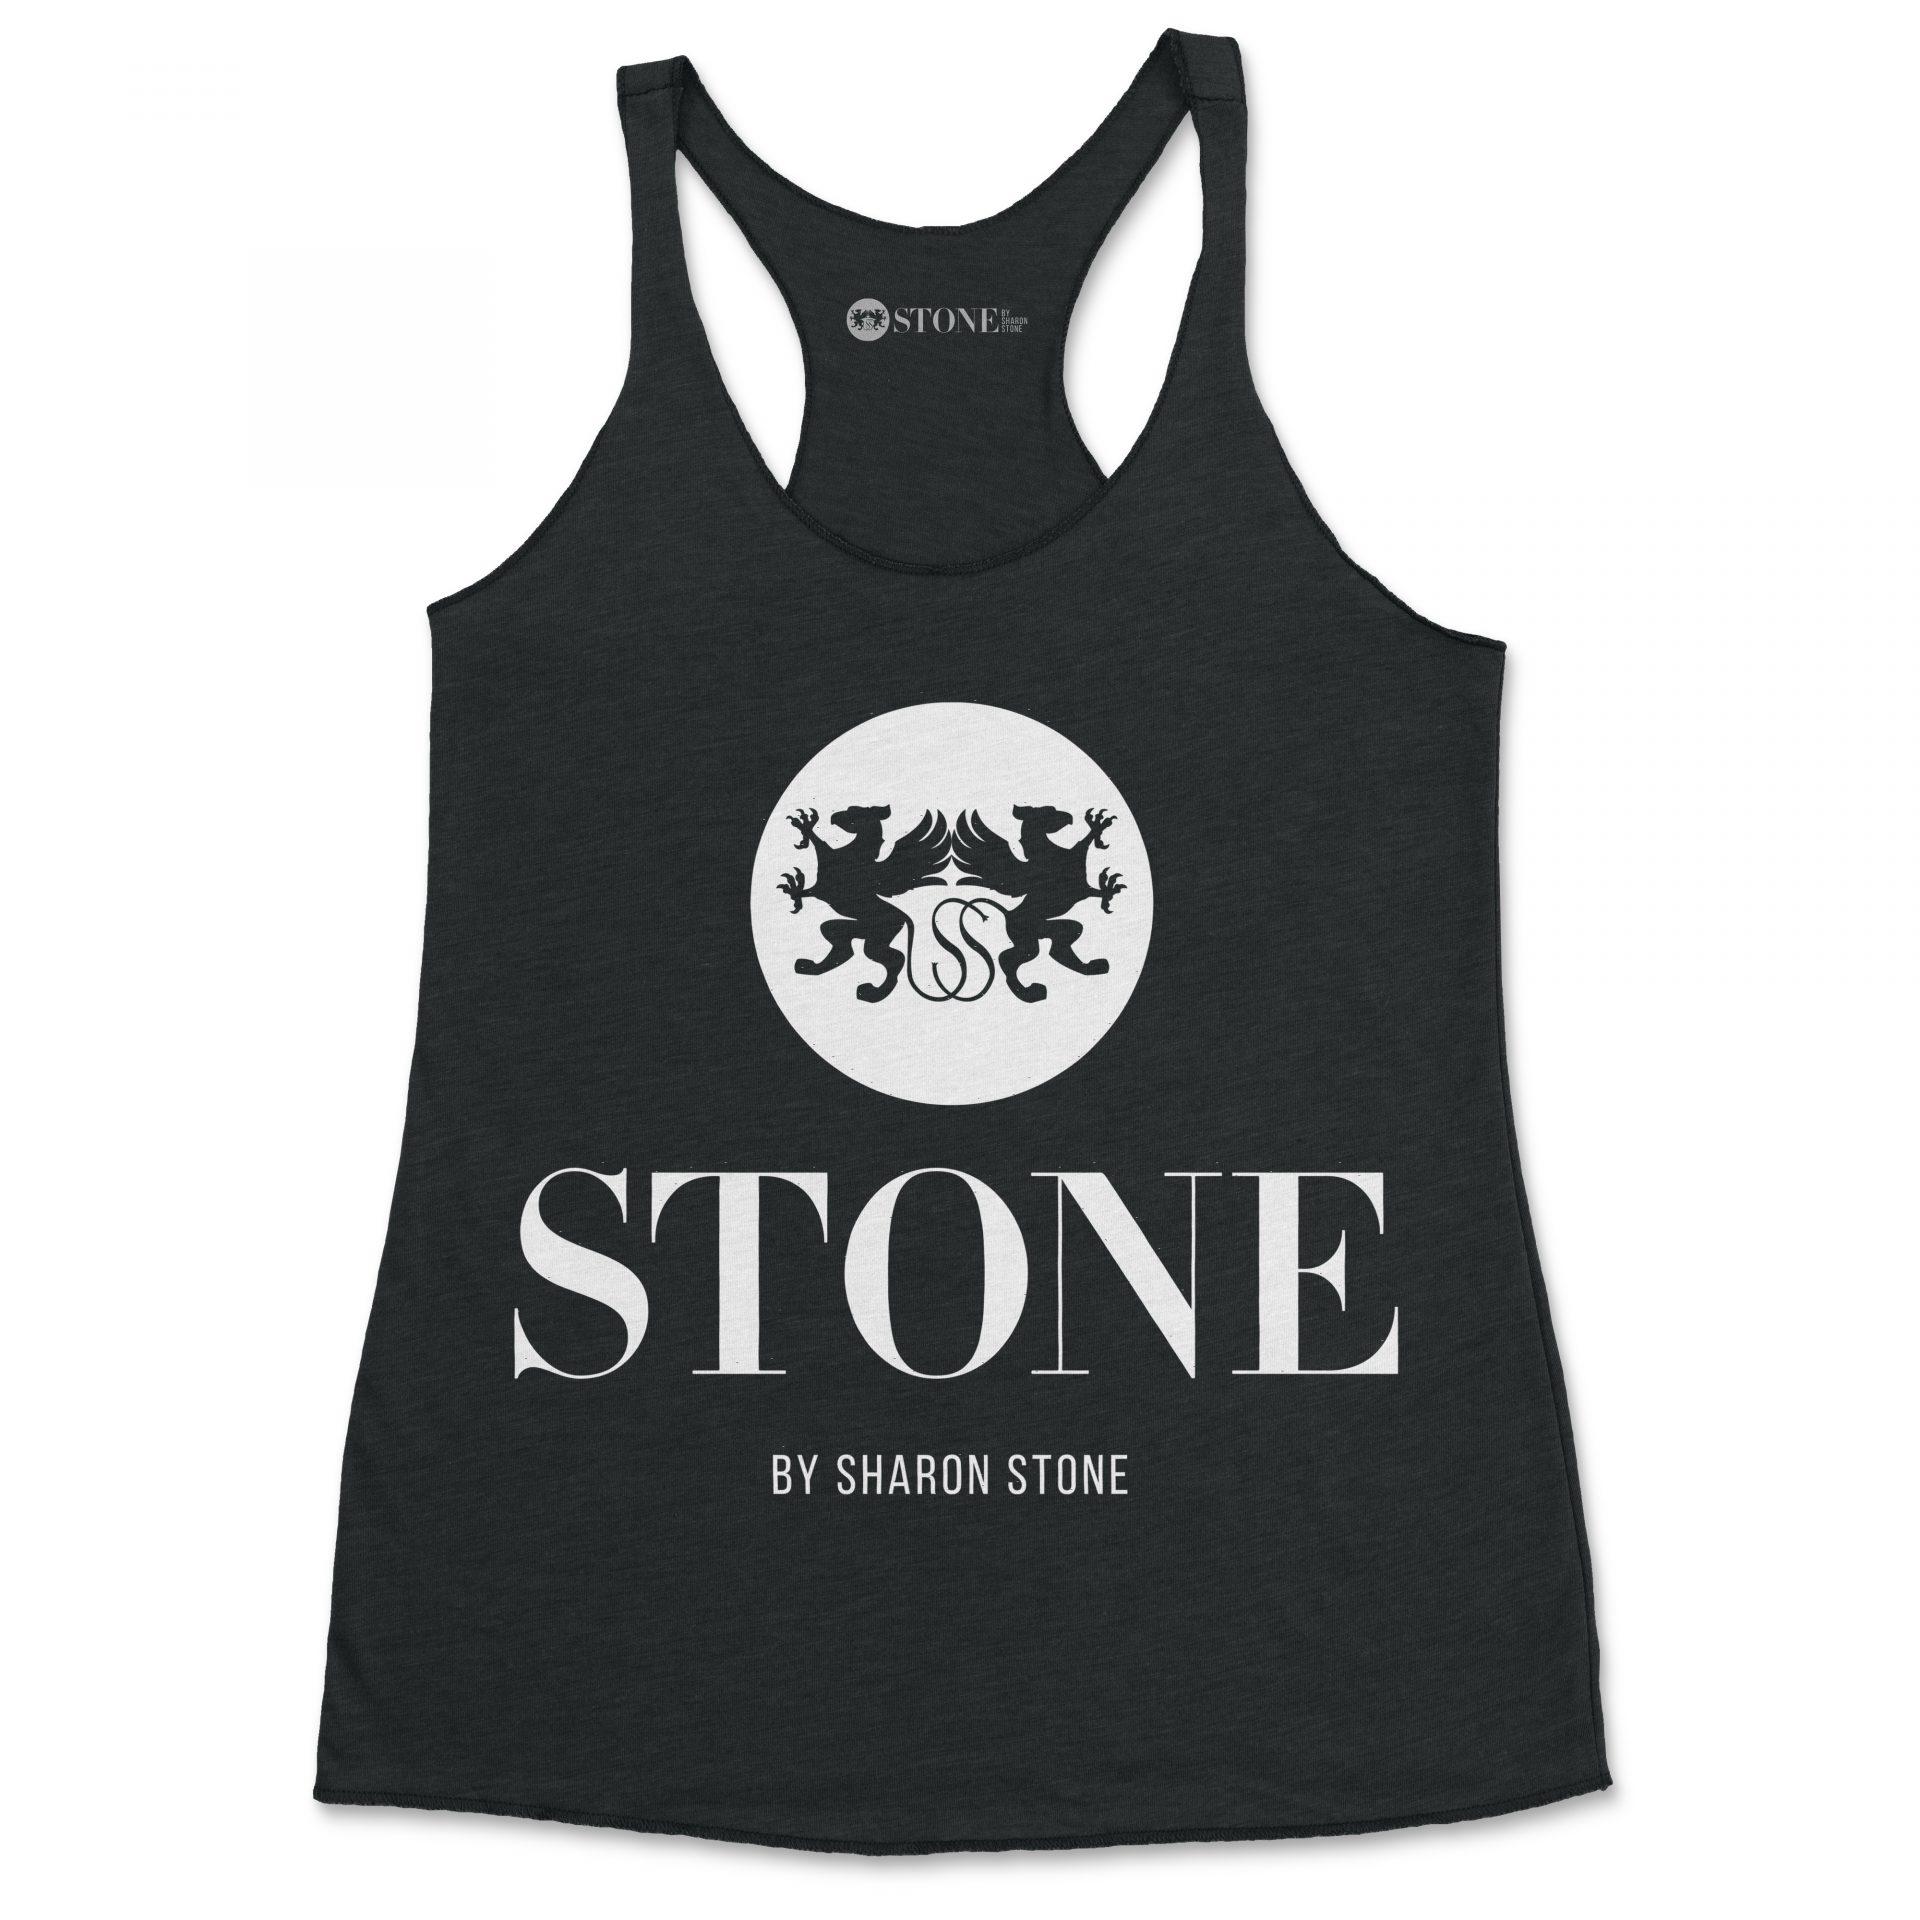 Stone by Sharon Stone logo tshirt